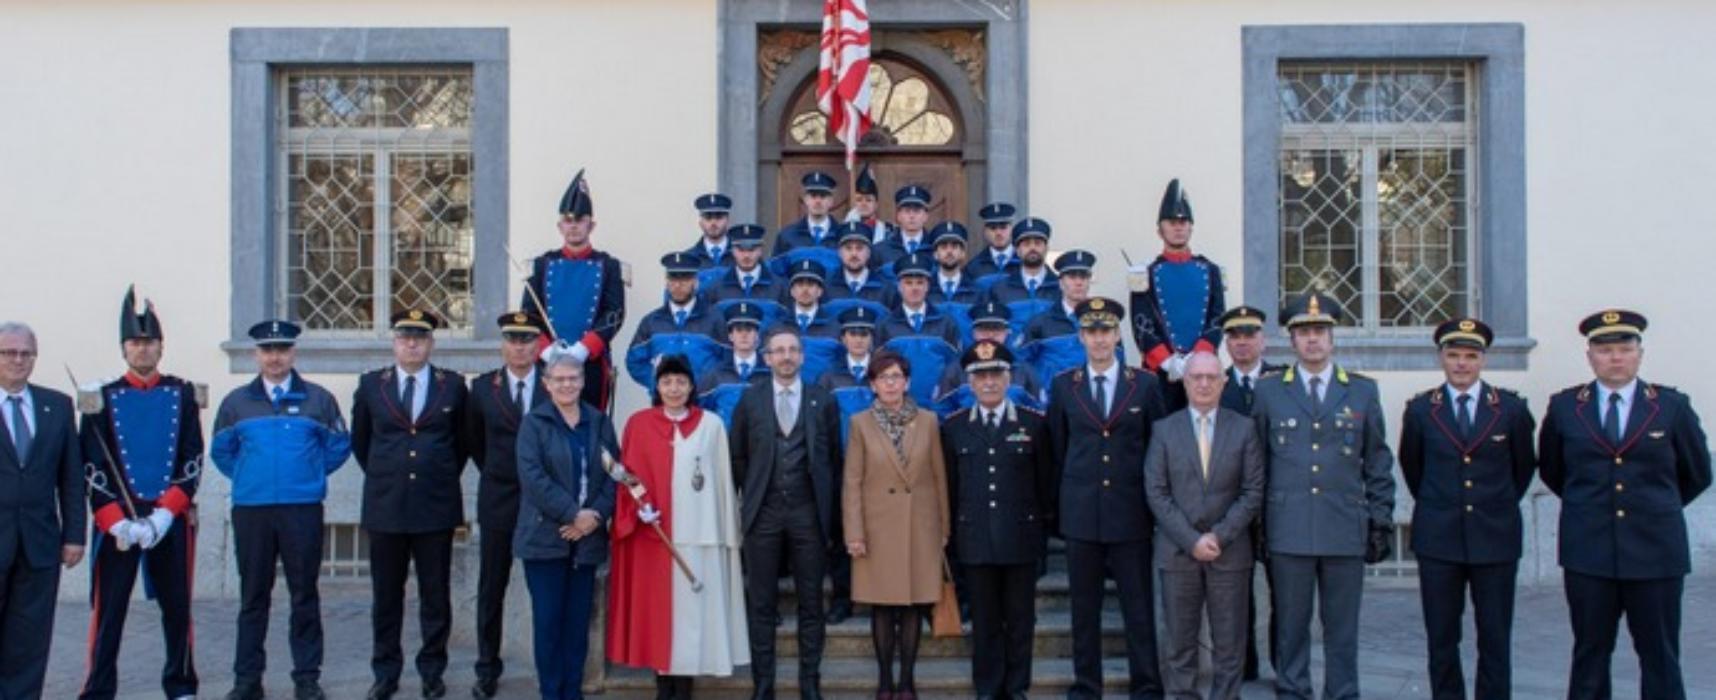 Kantonspolizei Wallis mit Verstärkung